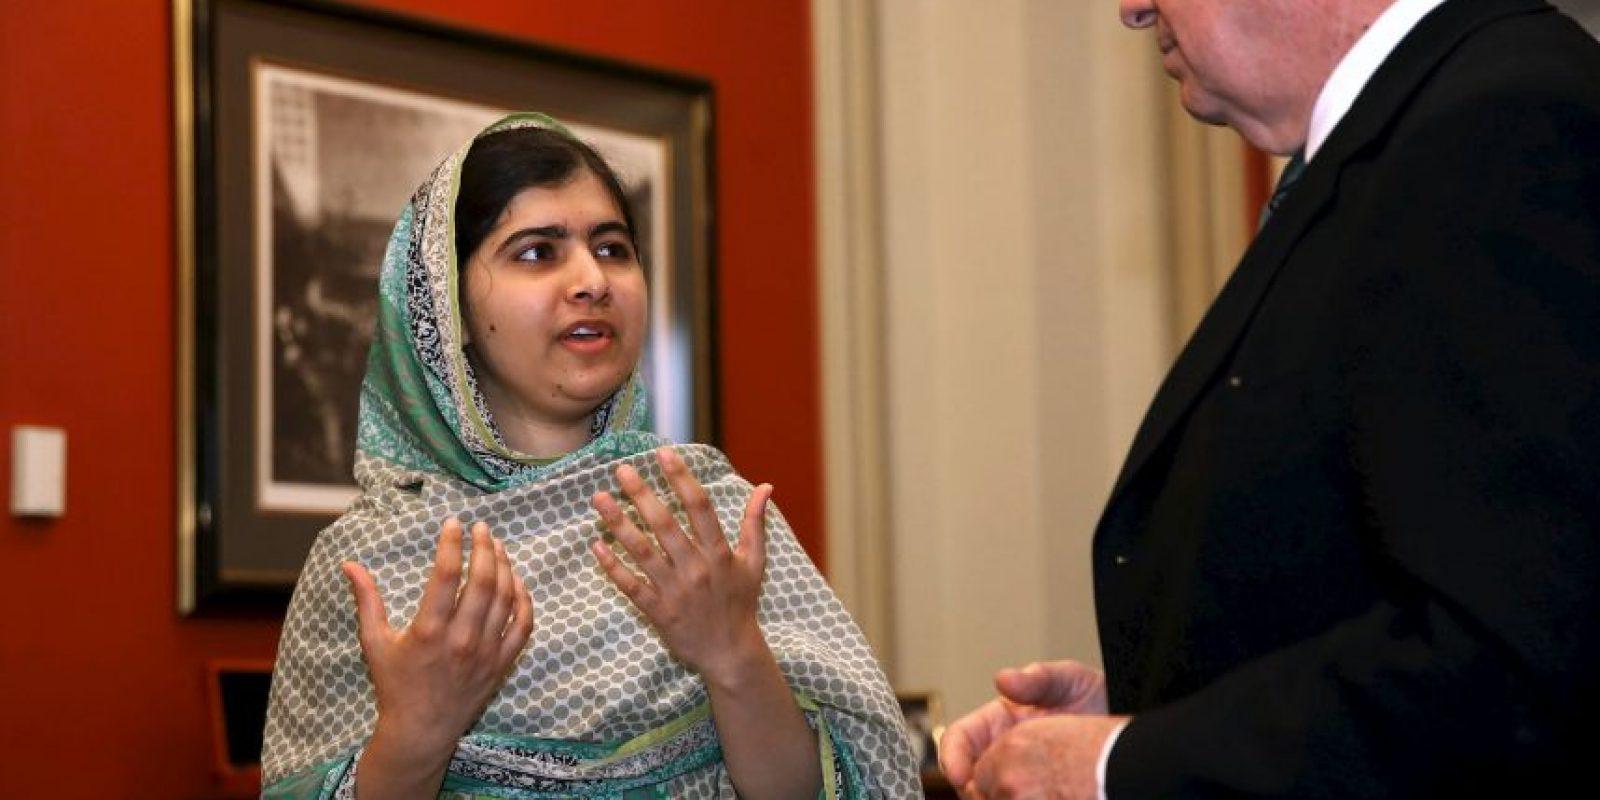 Hasta al punto que personalidades como Malala Yousafzai, el premio Nobel de la Paz de 2014, condenó las palabras de Trump. Foto:Getty Images